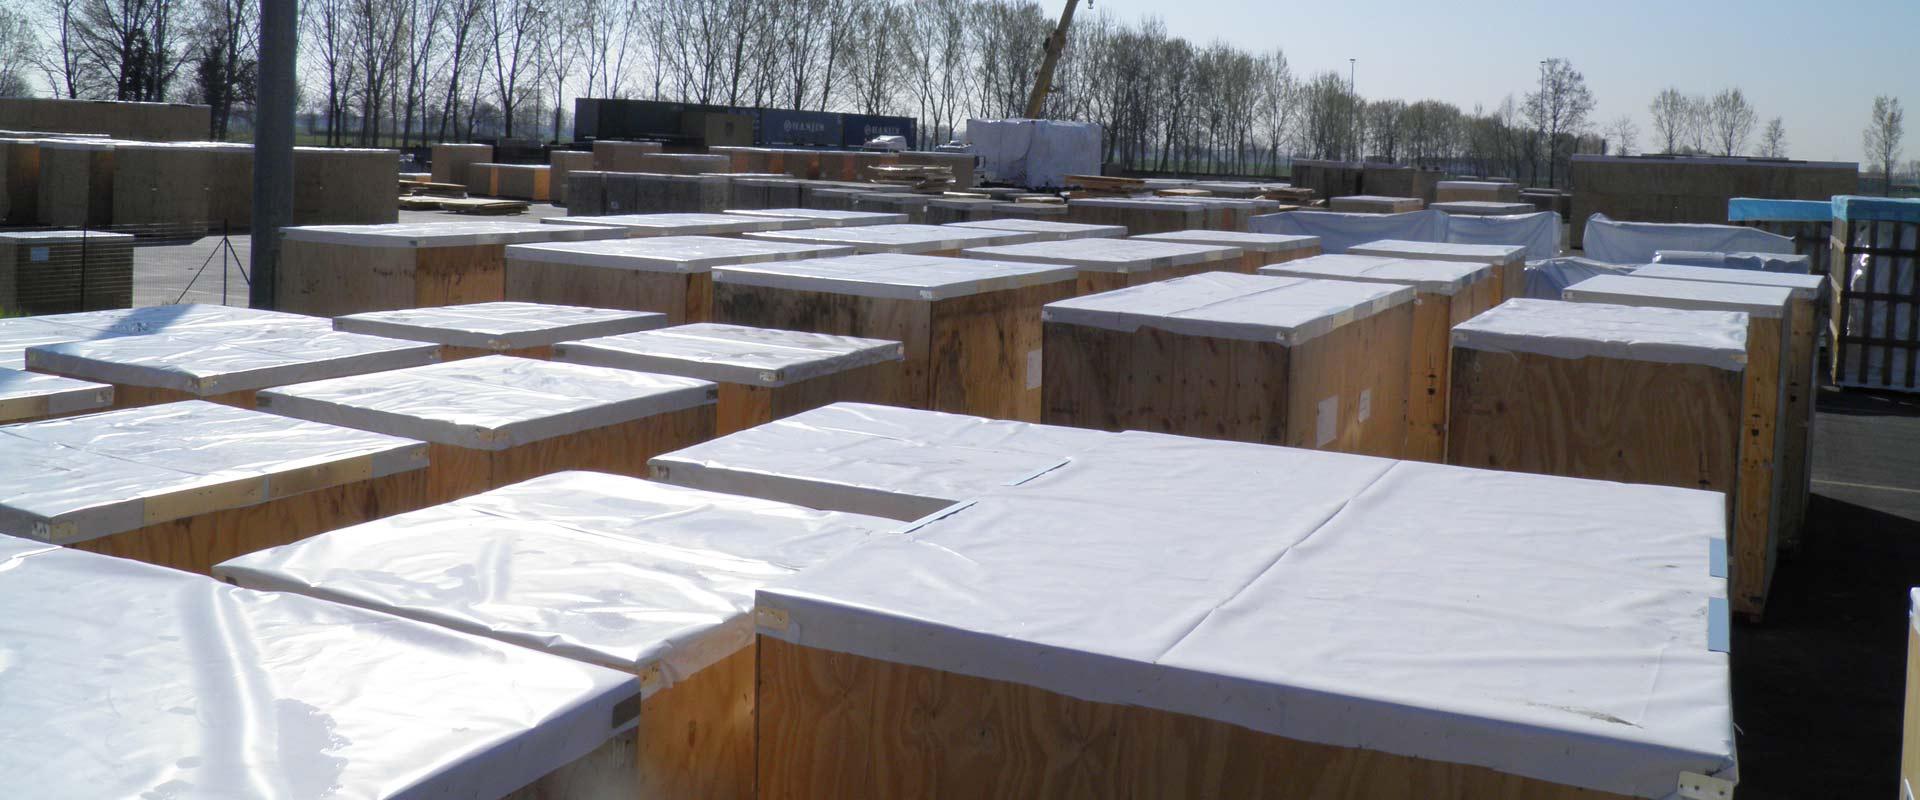 copertine da imballaggio per trasloco e trasporto Copertine per trasloco 150 cm di larghezza 10 metri di copertura per mobili